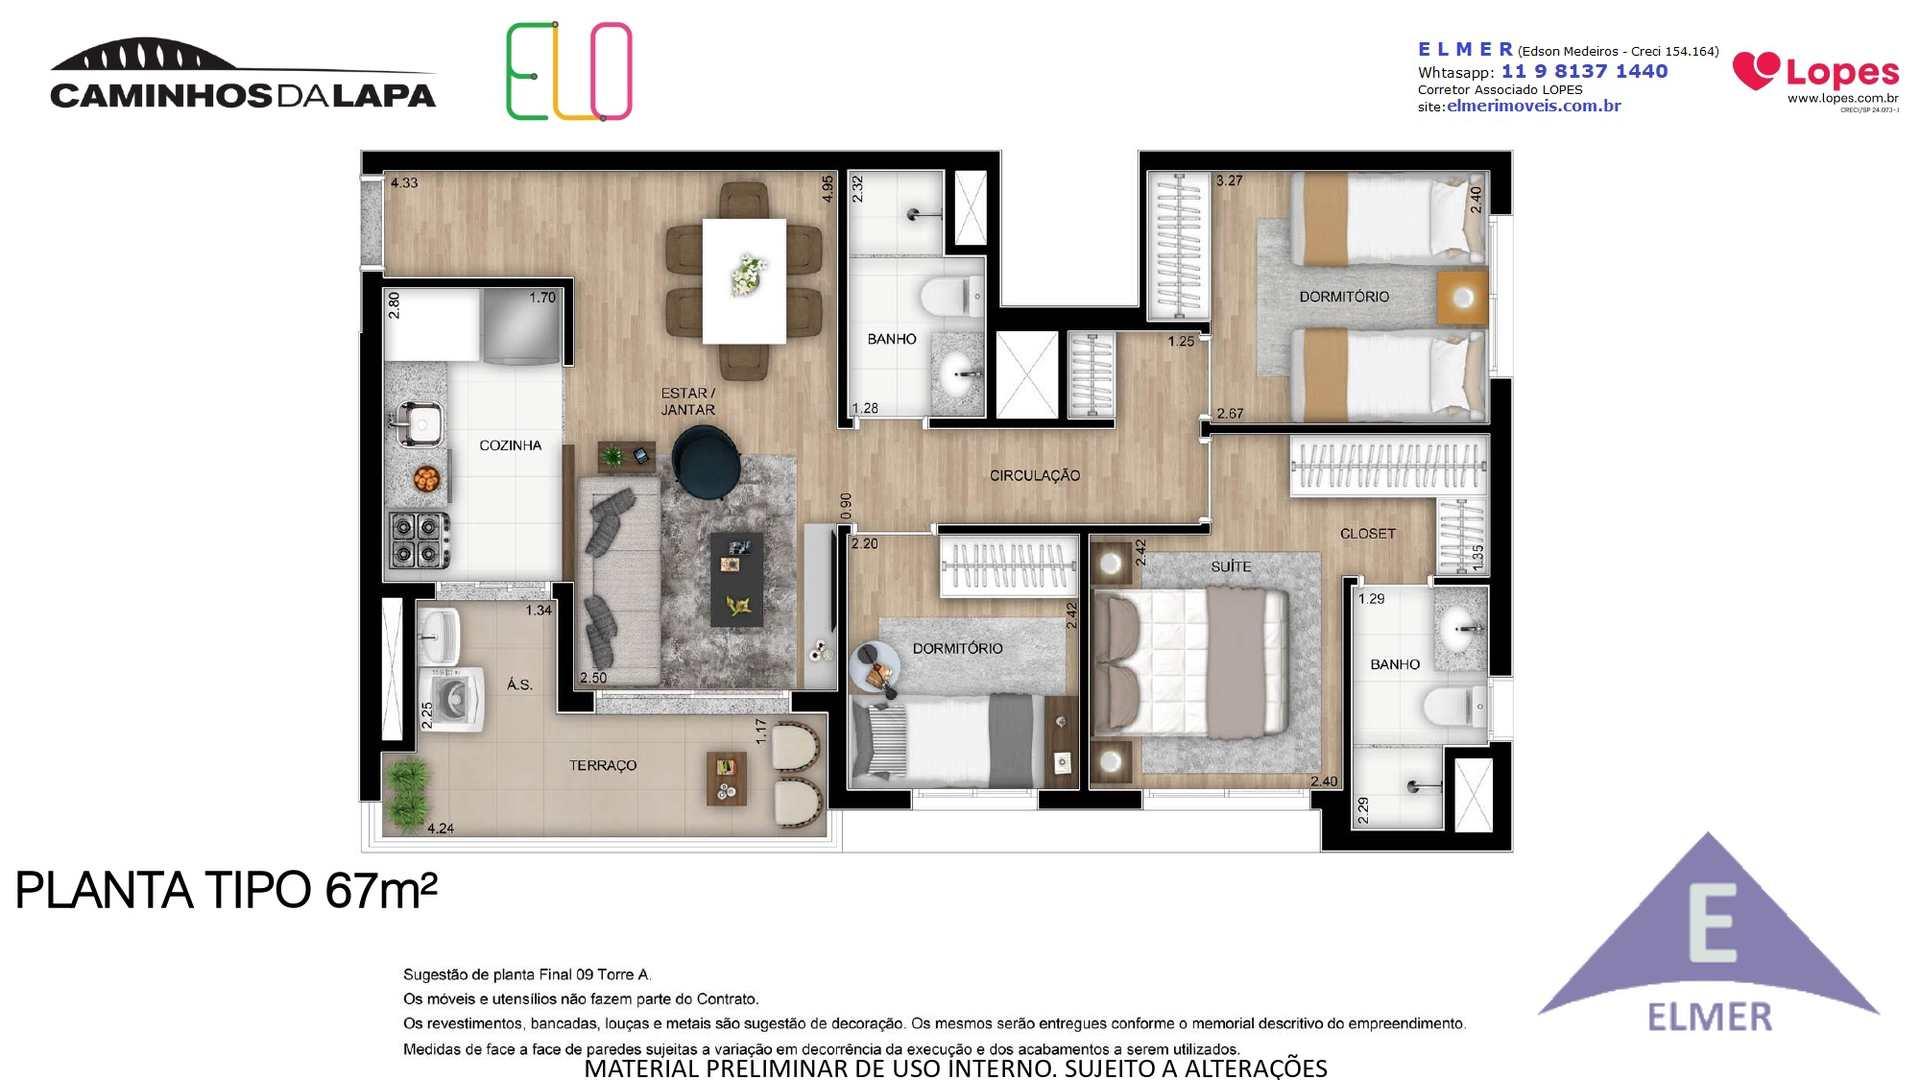 ELO - Planta 67 m² - Elmer